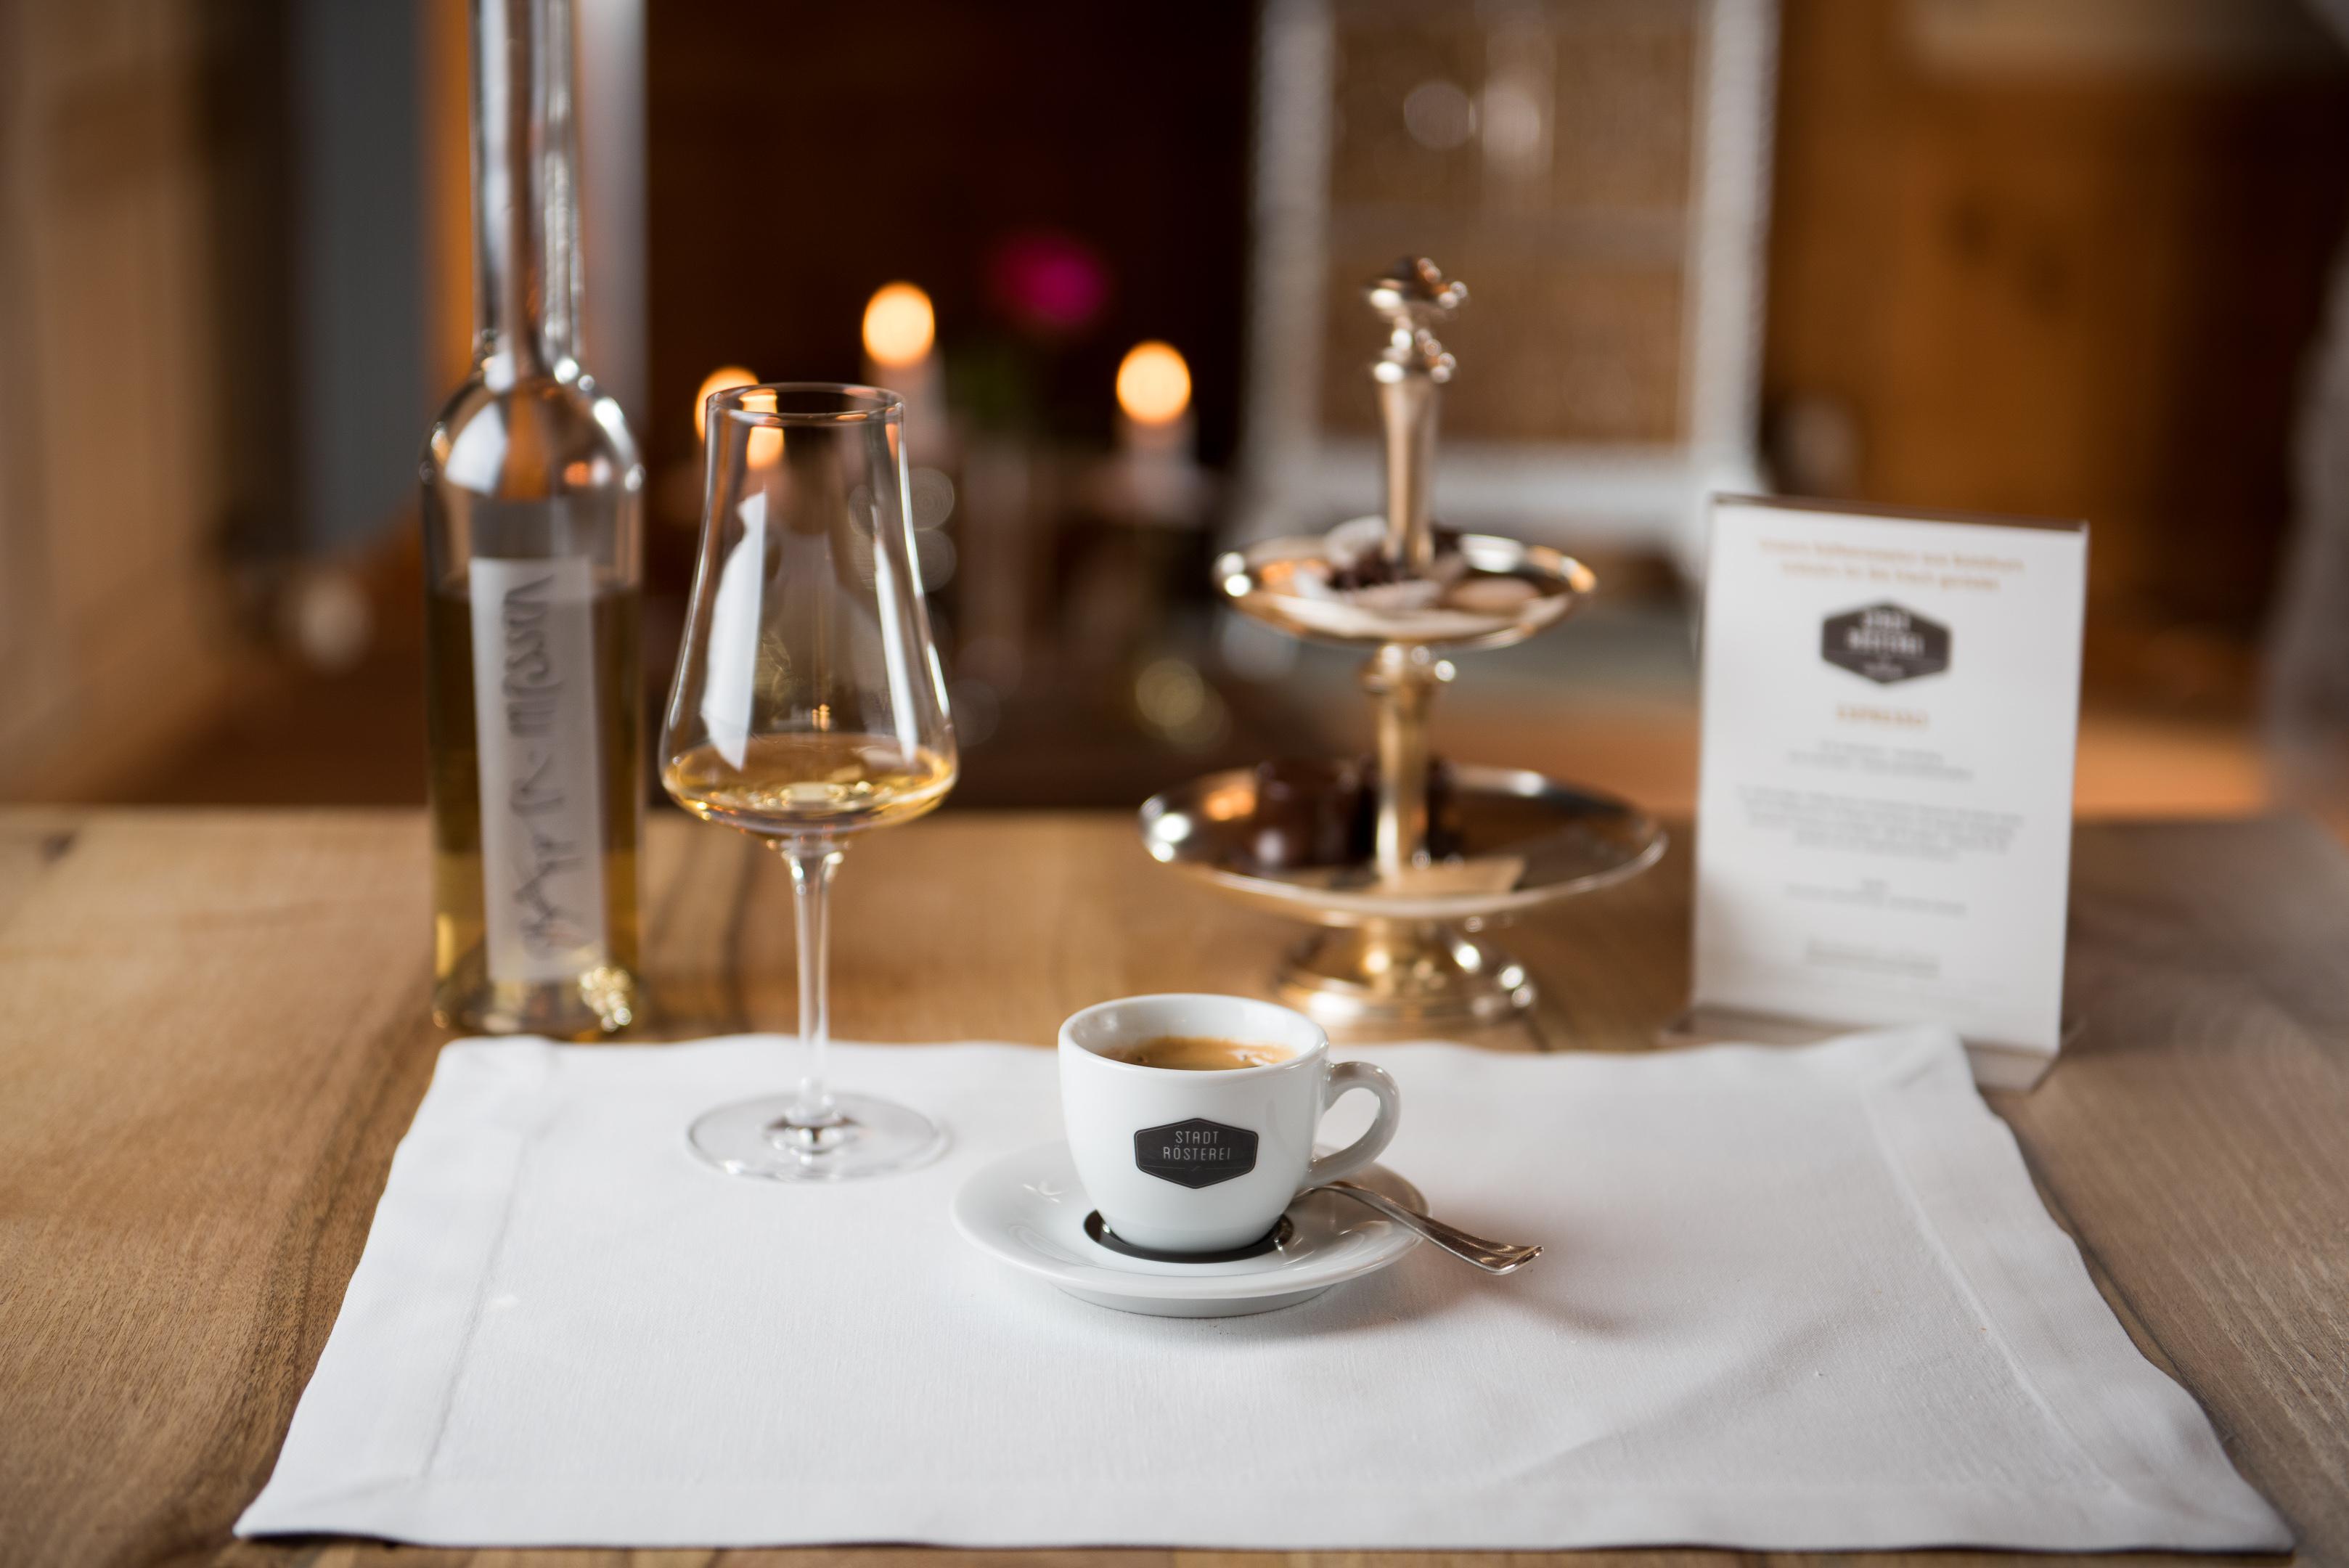 Unser Kaffee mit eingener Rezeptur!